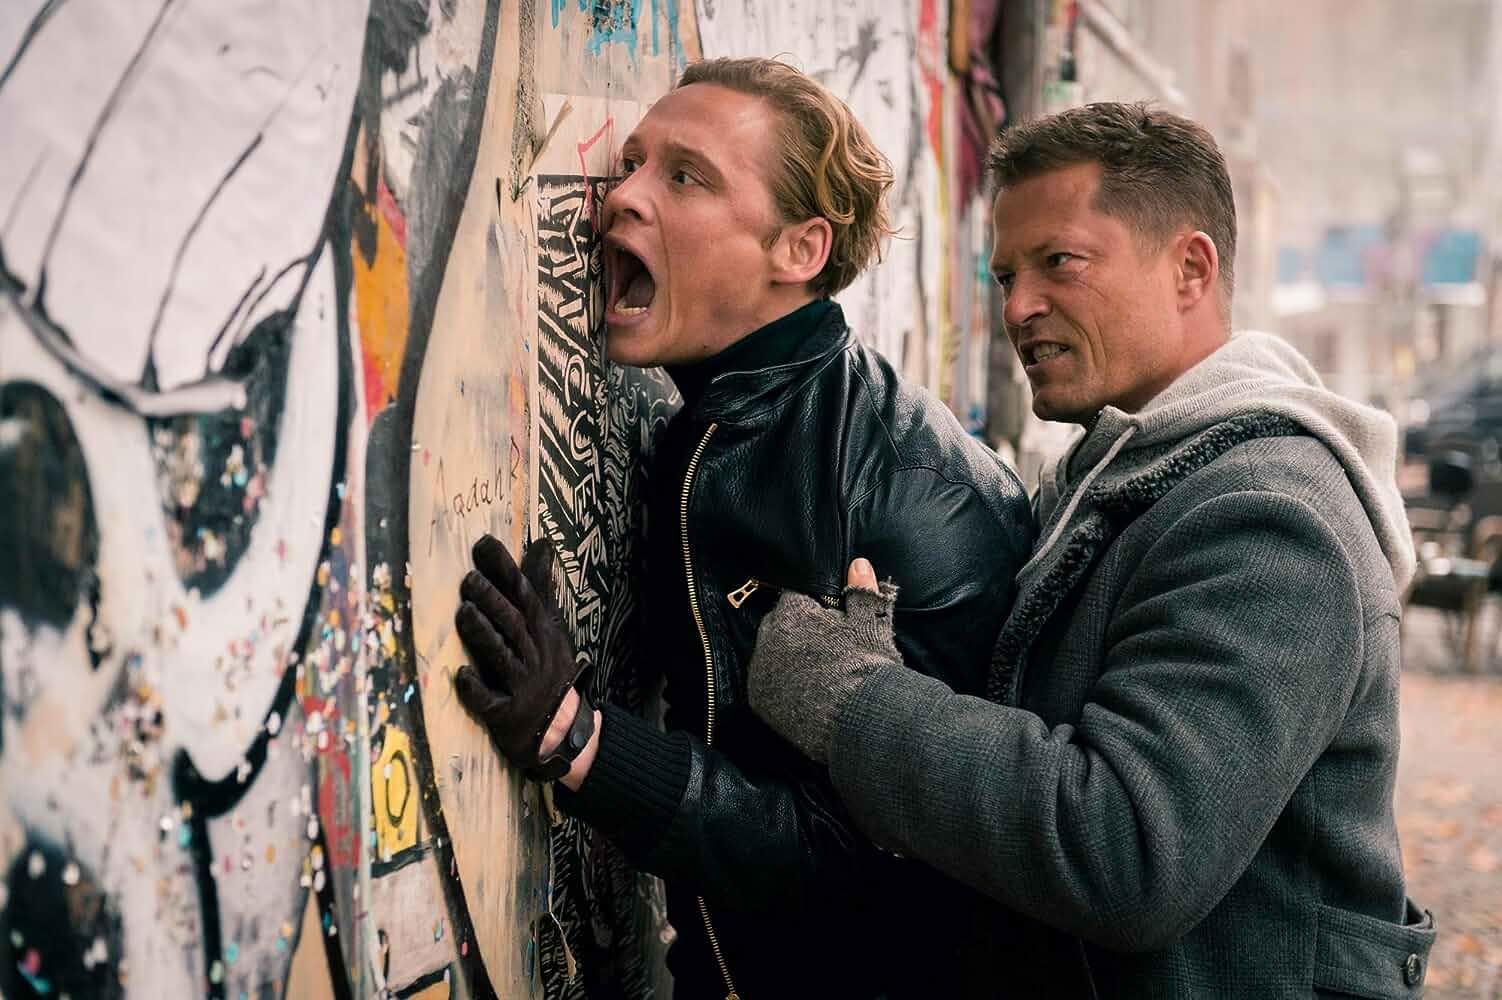 Til Schweiger and Matthias Schweighöfer in Vier gegen die Bank (2016)